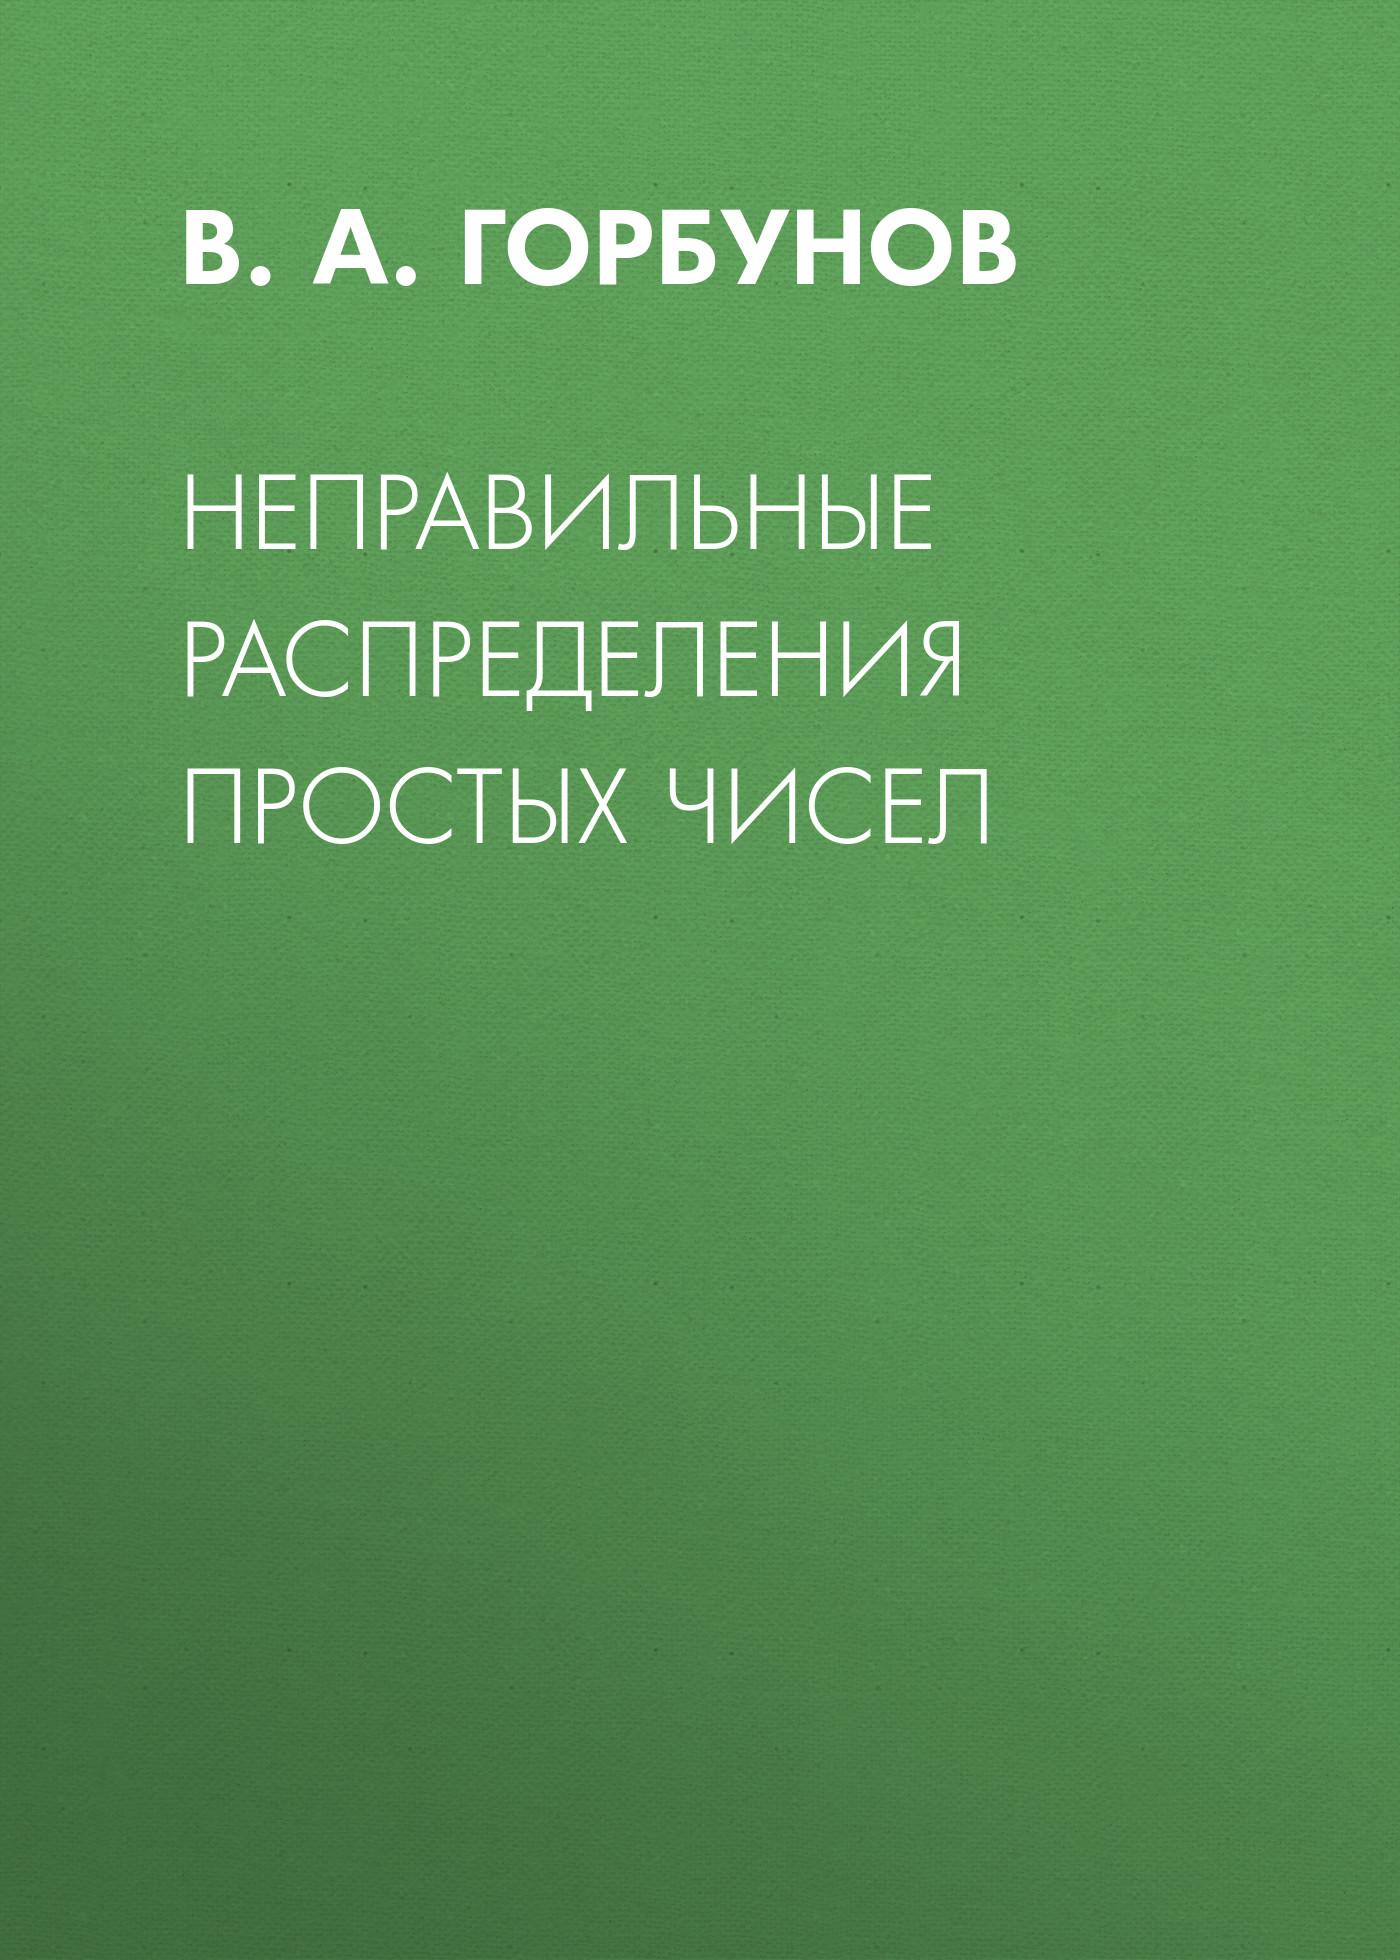 В. А. Горбунов Неправильные распределения простых чисел м балазар асимптотический закон распределения простых чисел